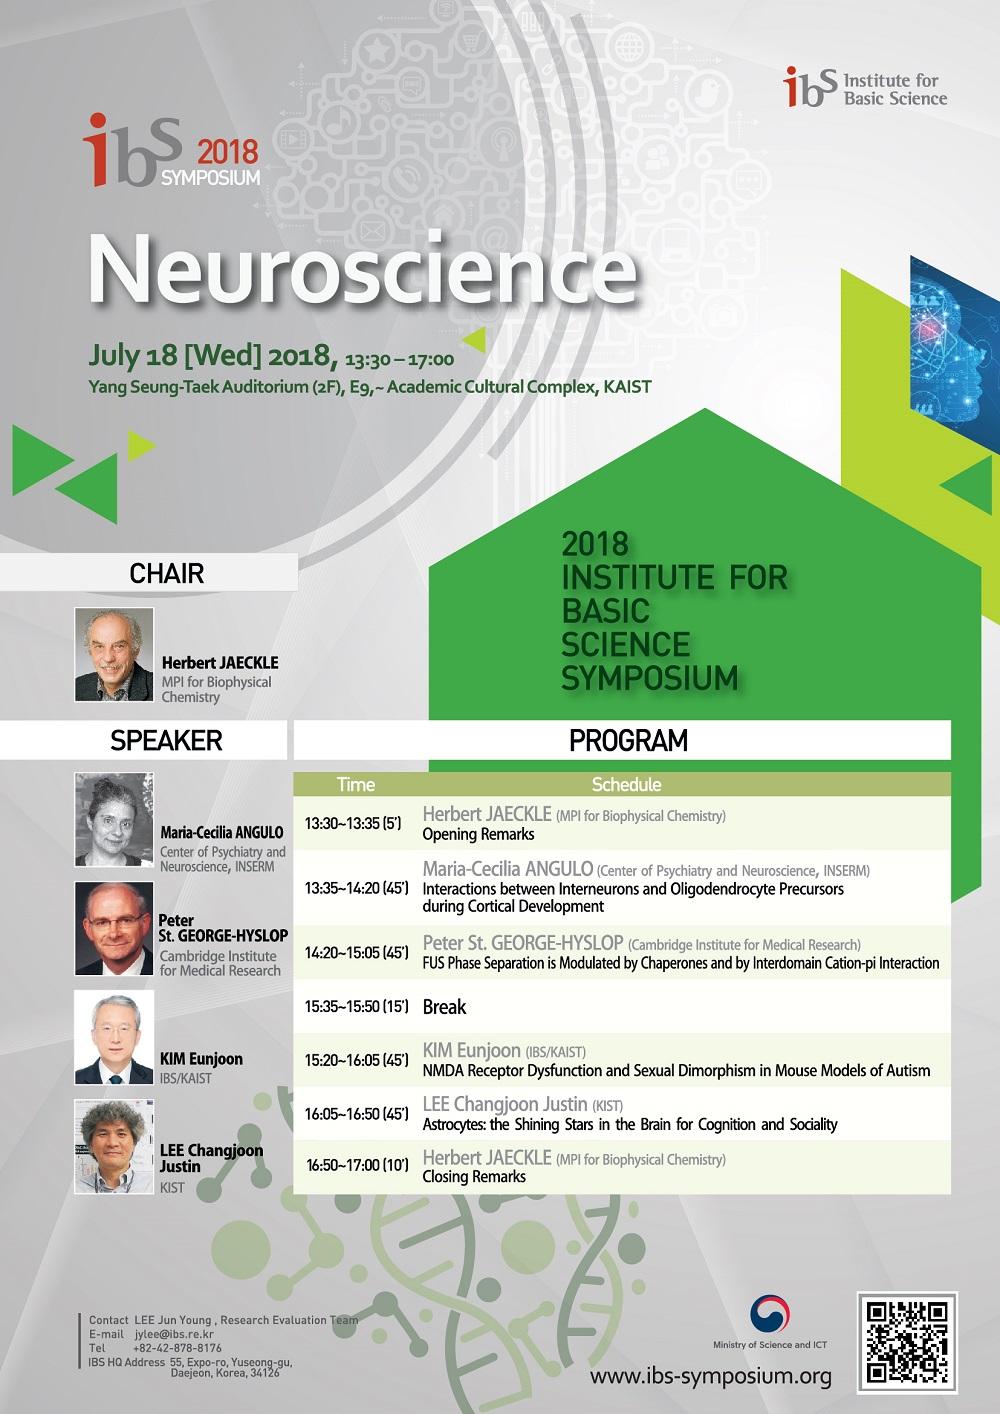 IBS Symposium-Neuroscience.jpg